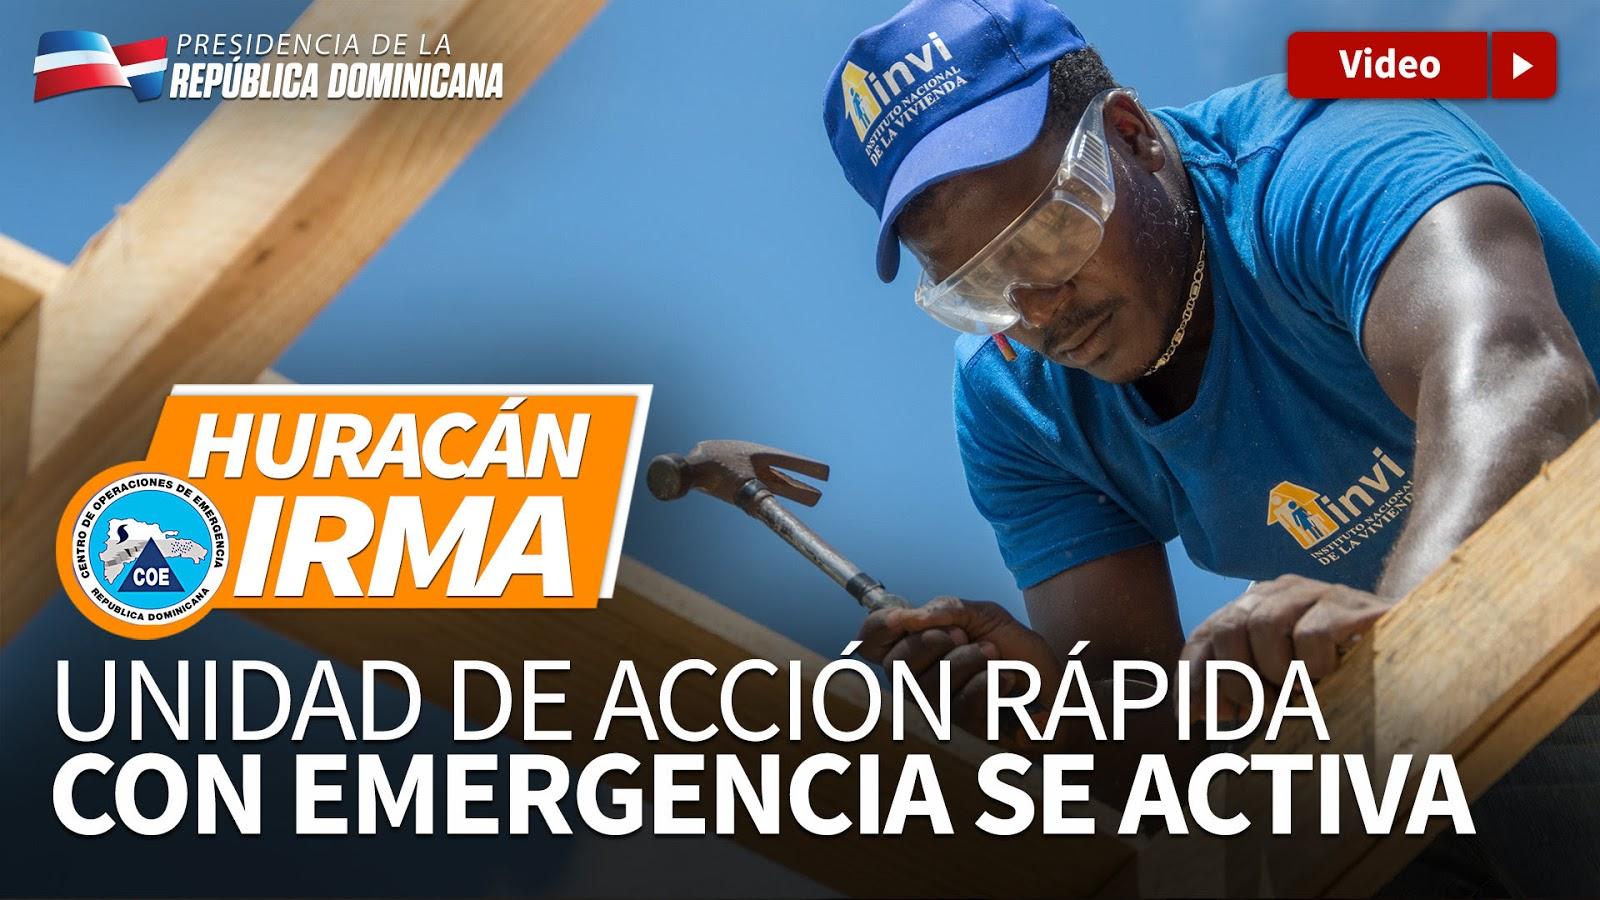 VIDEO: Unidad de acción rápida con emergencia se activa